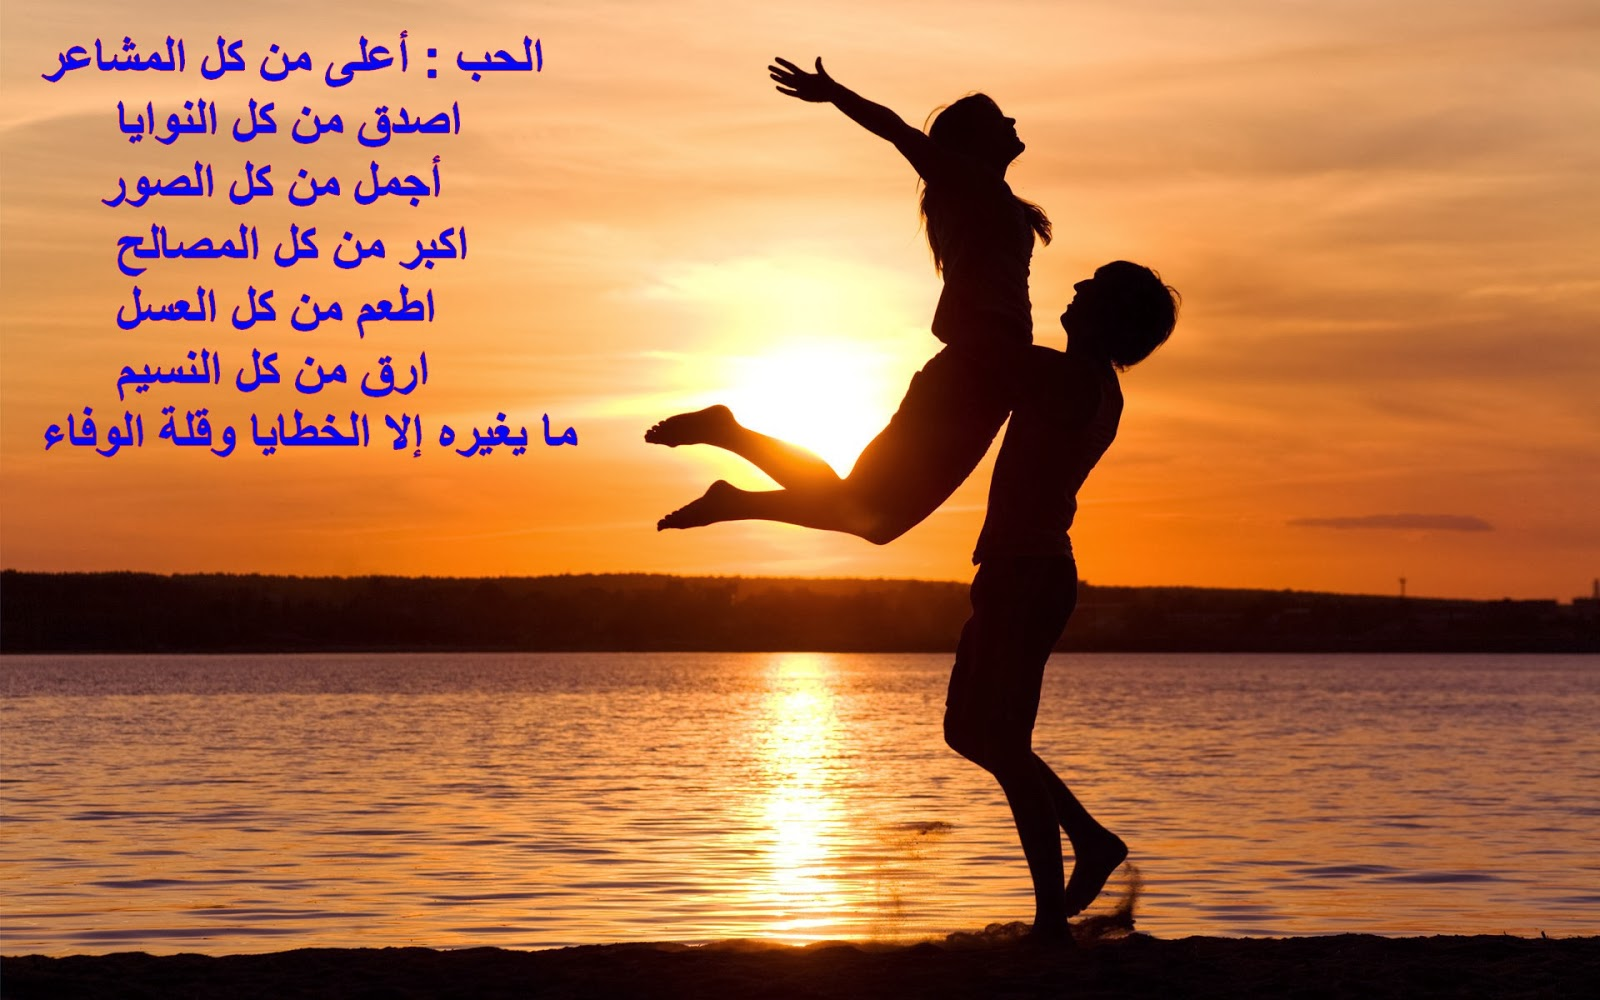 صور بالصور كلمات عن الحب , اجمل العبارات المعبرة الرومانسية